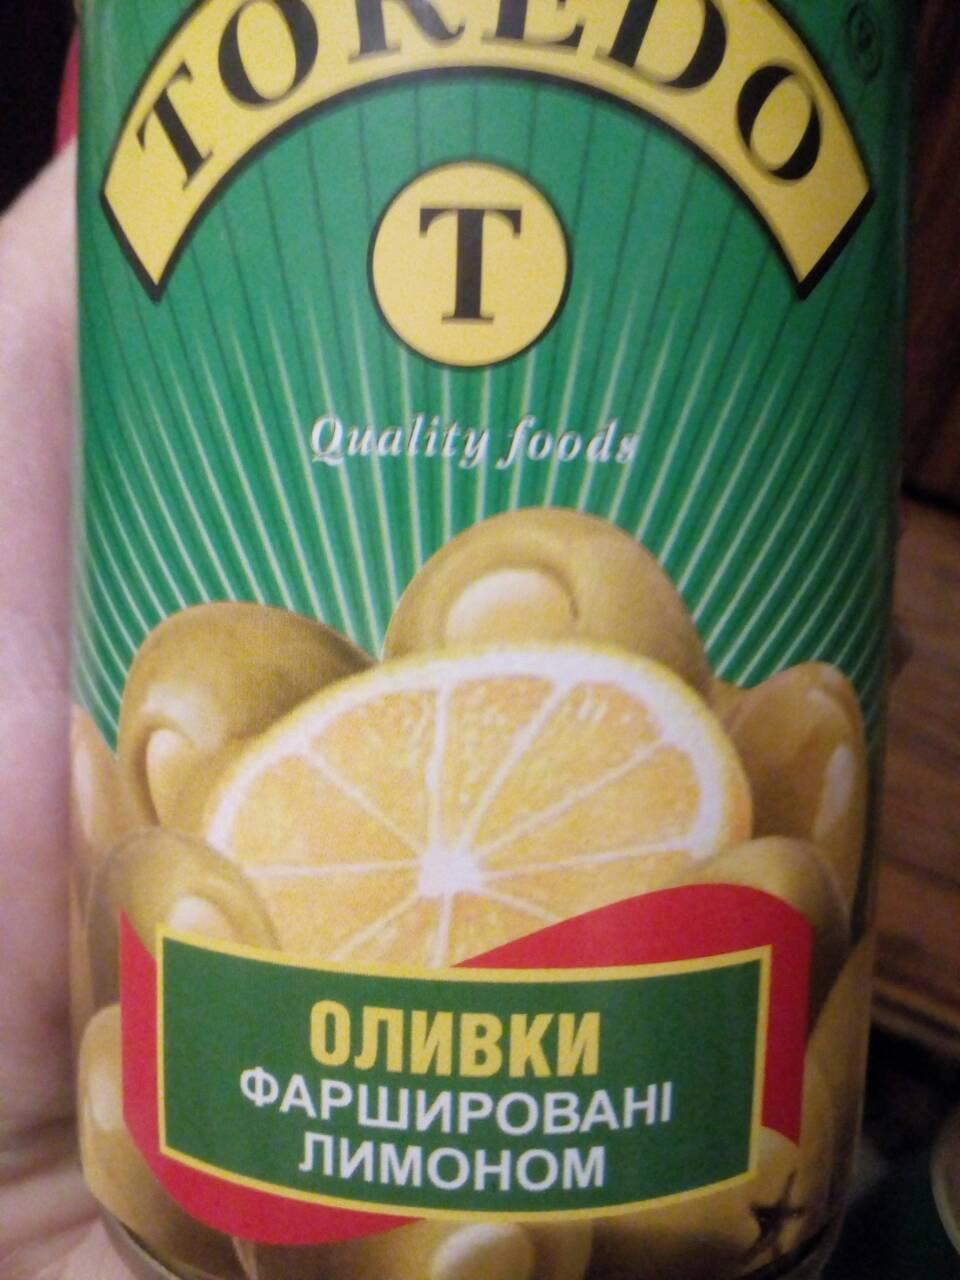 Оливки фаршированные Лимоном ИСПАНИЯ 280 грамм